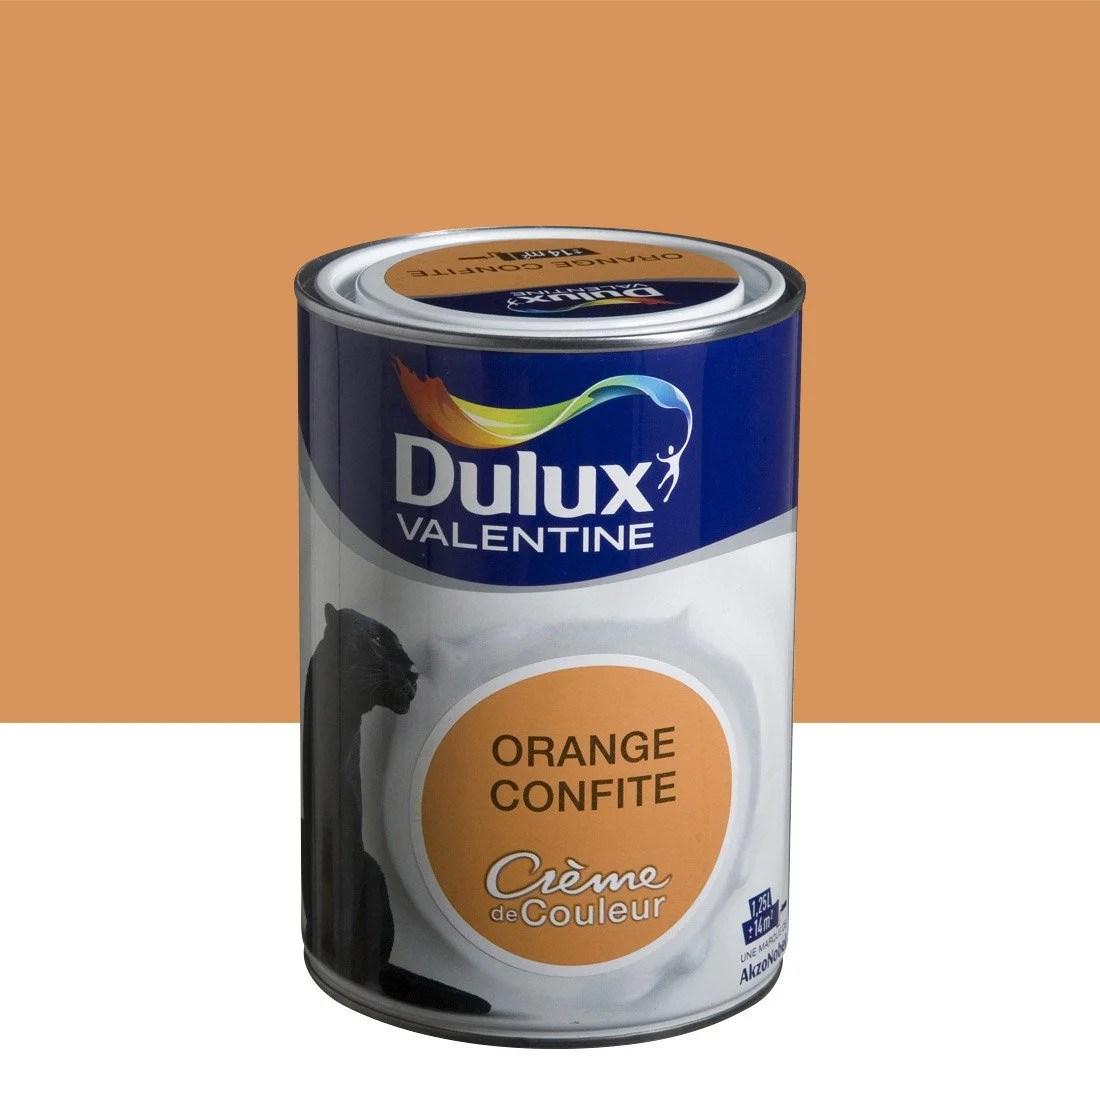 Peinture Orange Confite Satin DULUX VALENTINE Crme De